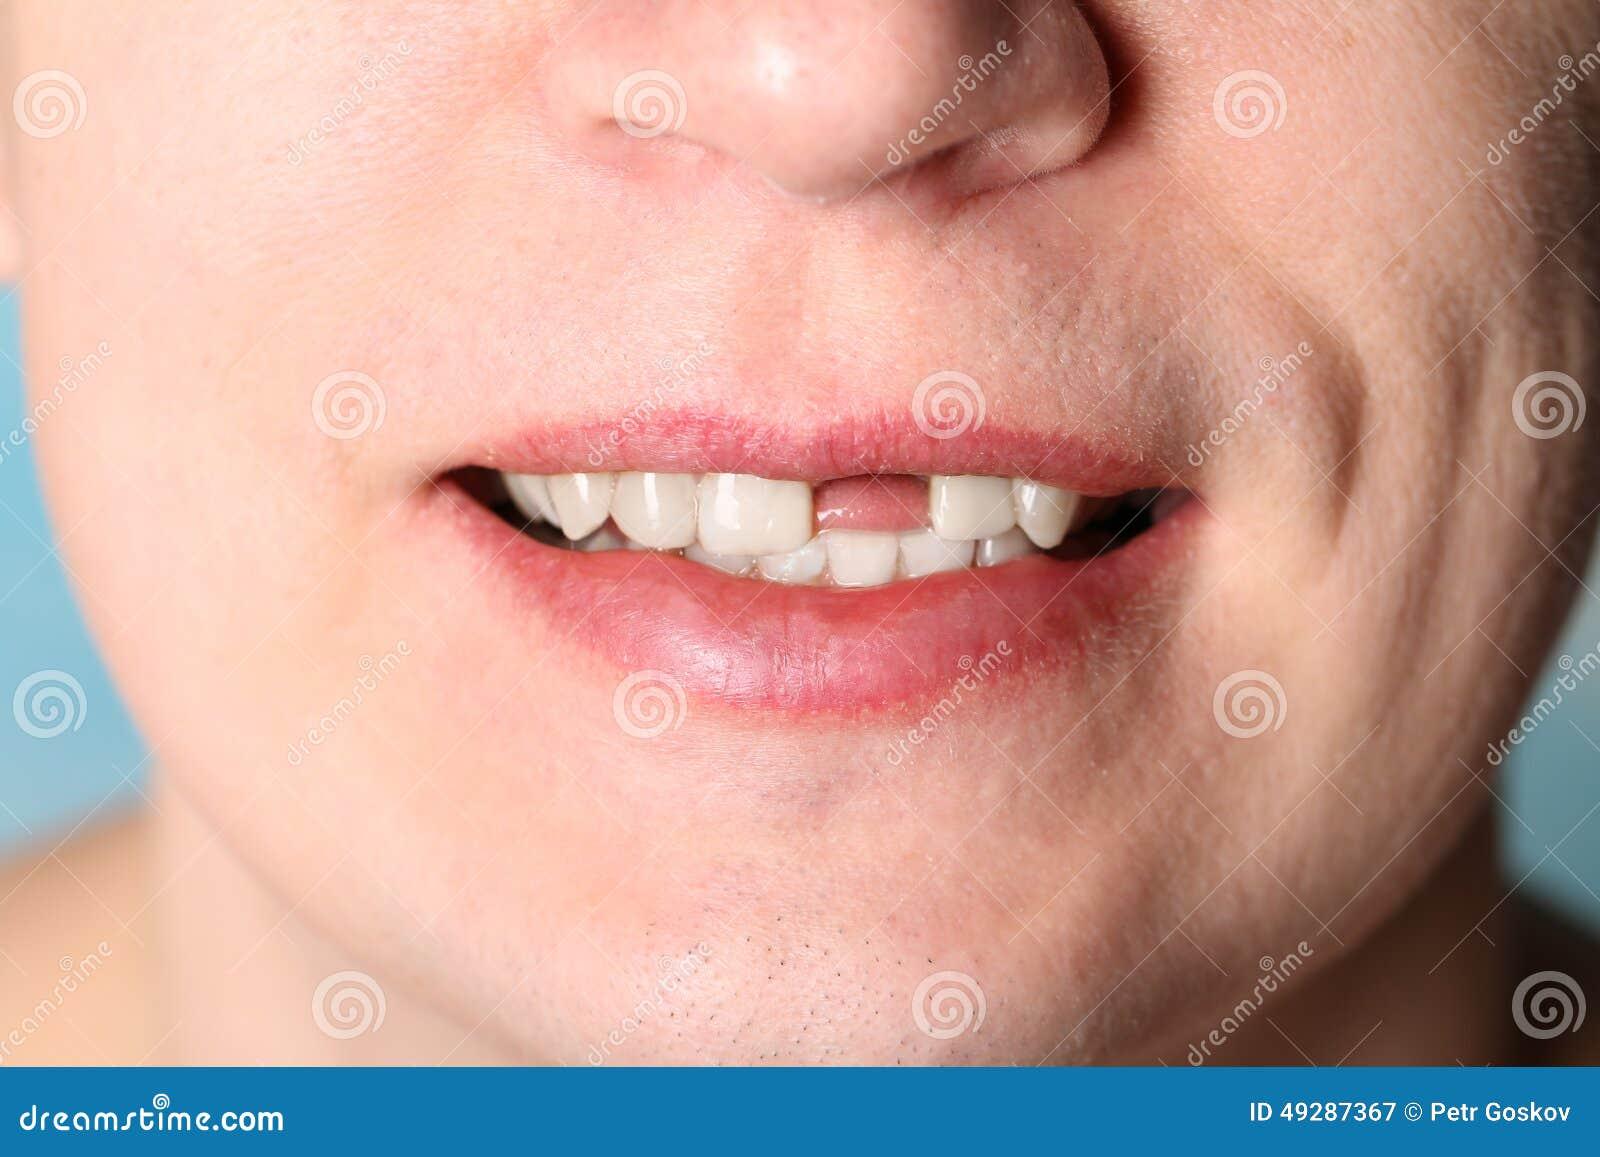 Фото девушка челюсть